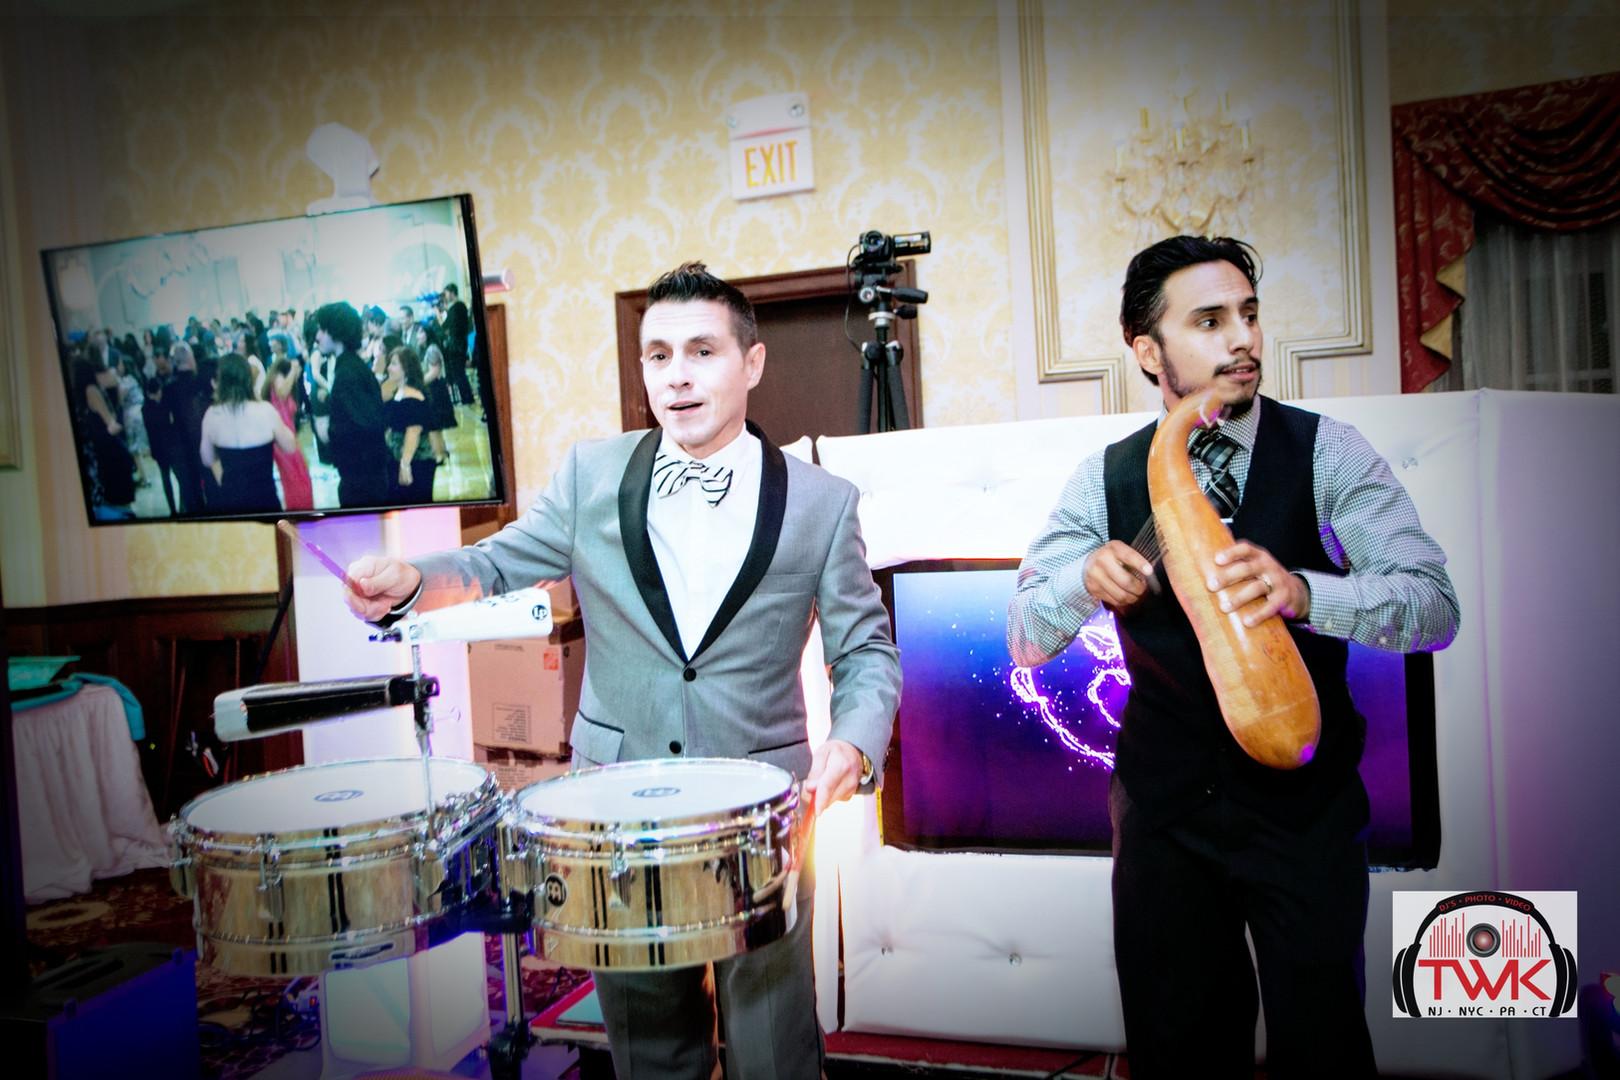 Latin wedding DJ